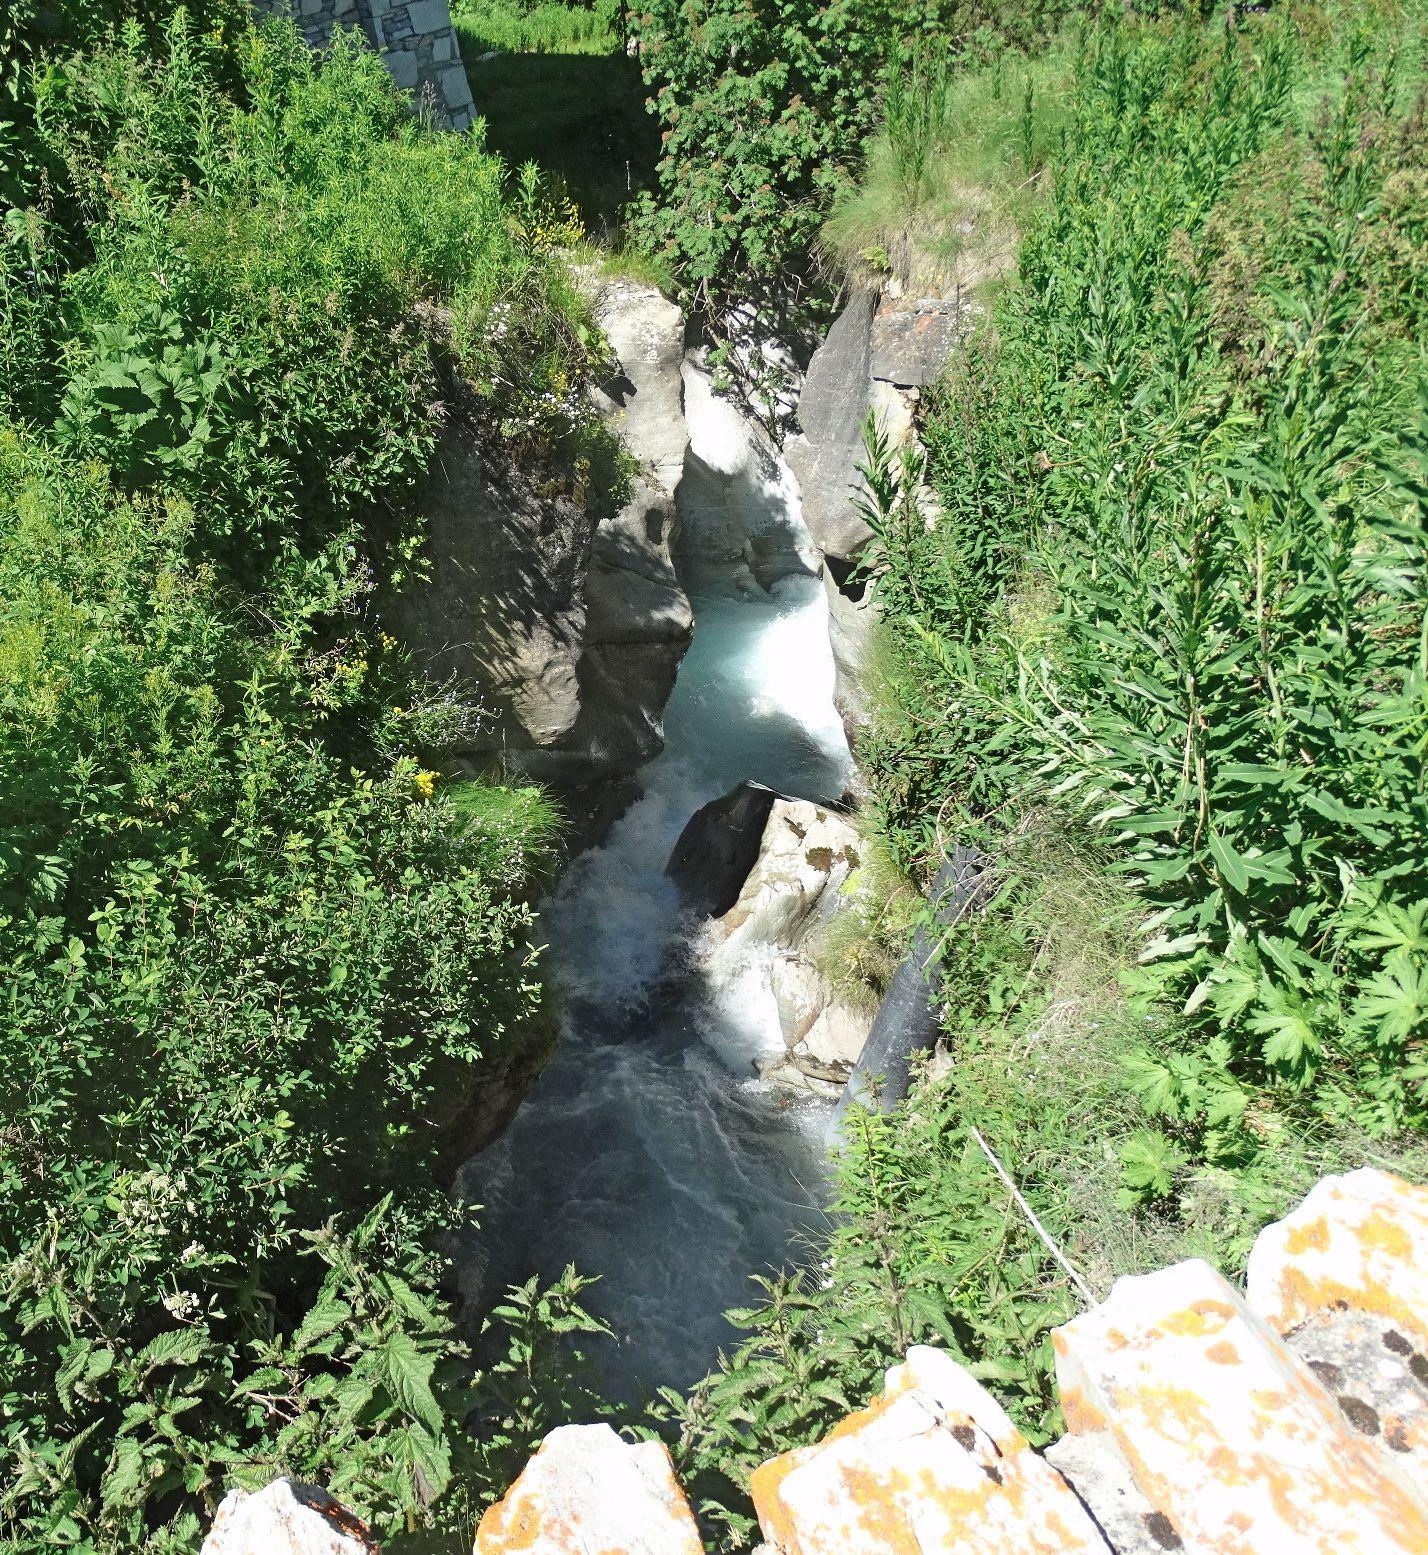 Clocher Val d'Isère, Fleurs Alpines, Panoramas, hameau de Laisinant, papillon, hameau du Fornet, Isère au Fornet